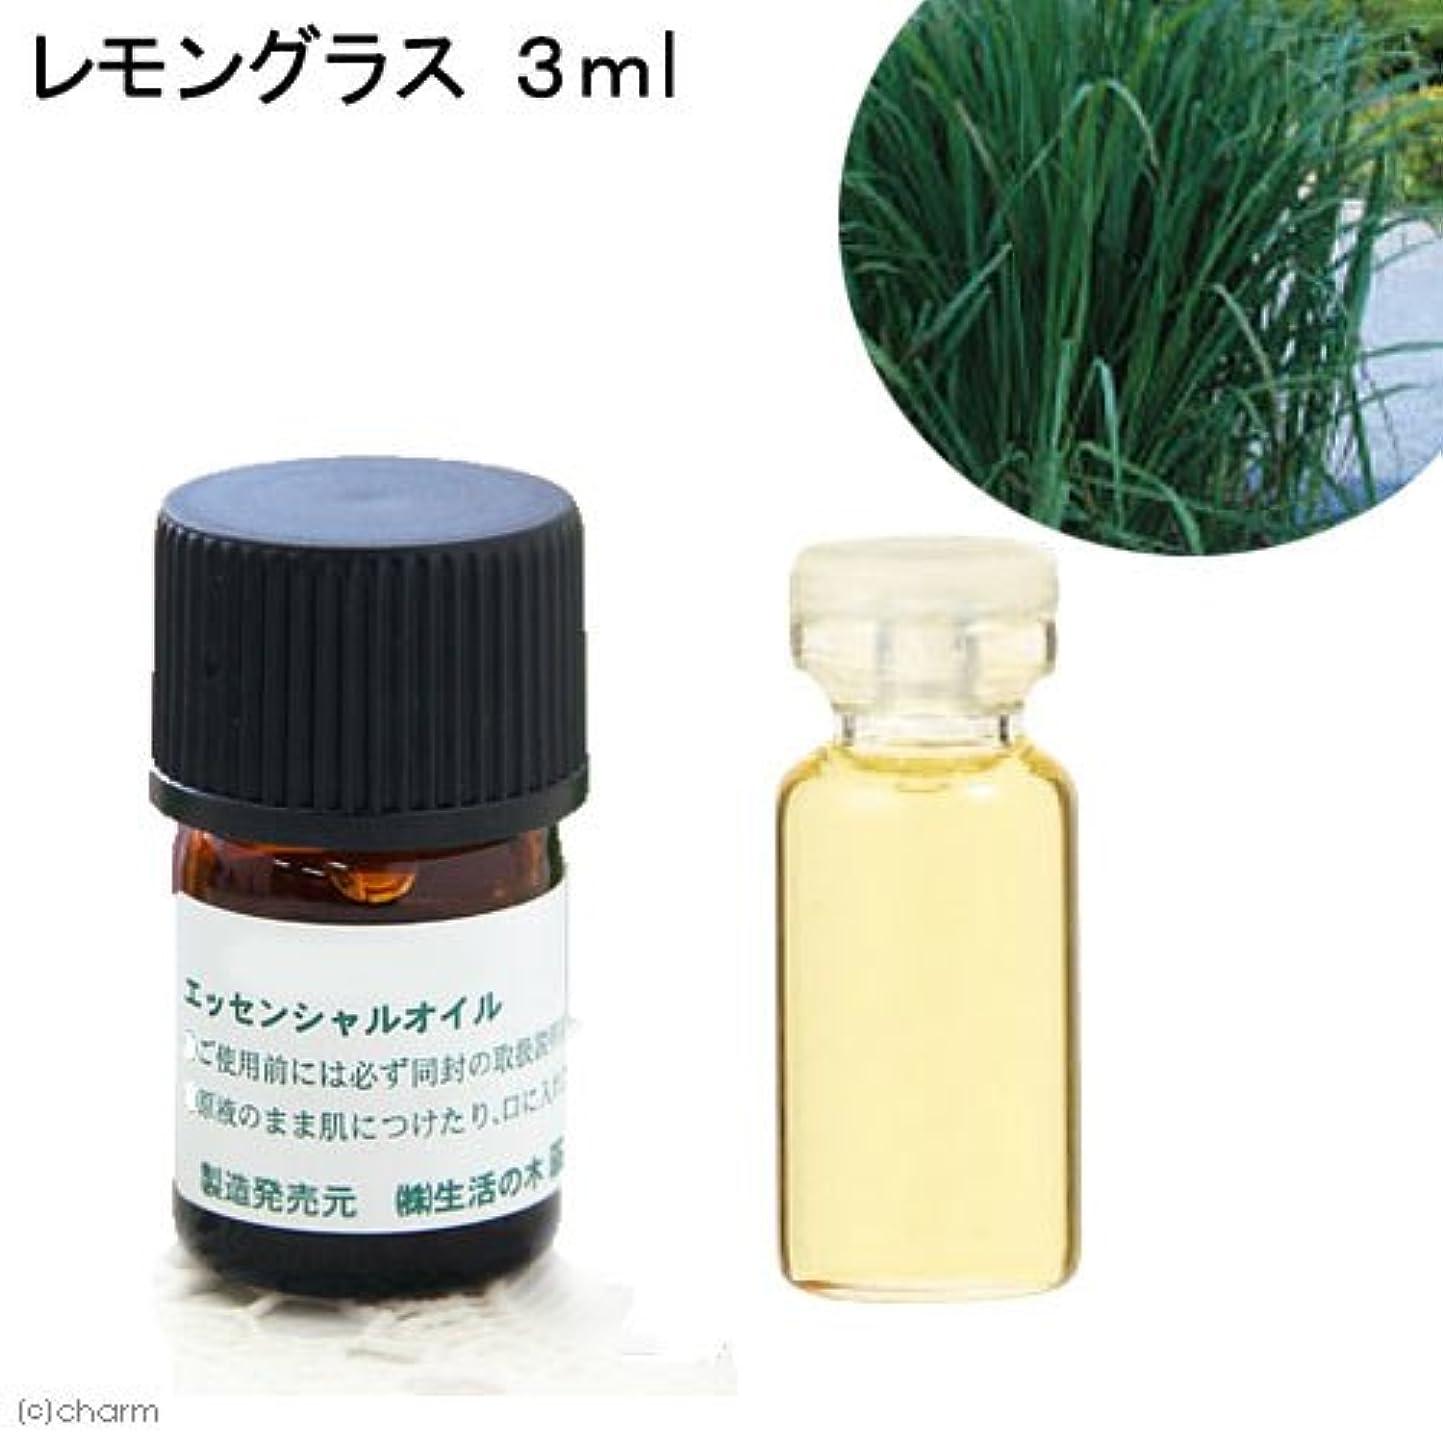 観察極めて重要な小麦生活の木 レモングラス 3ml